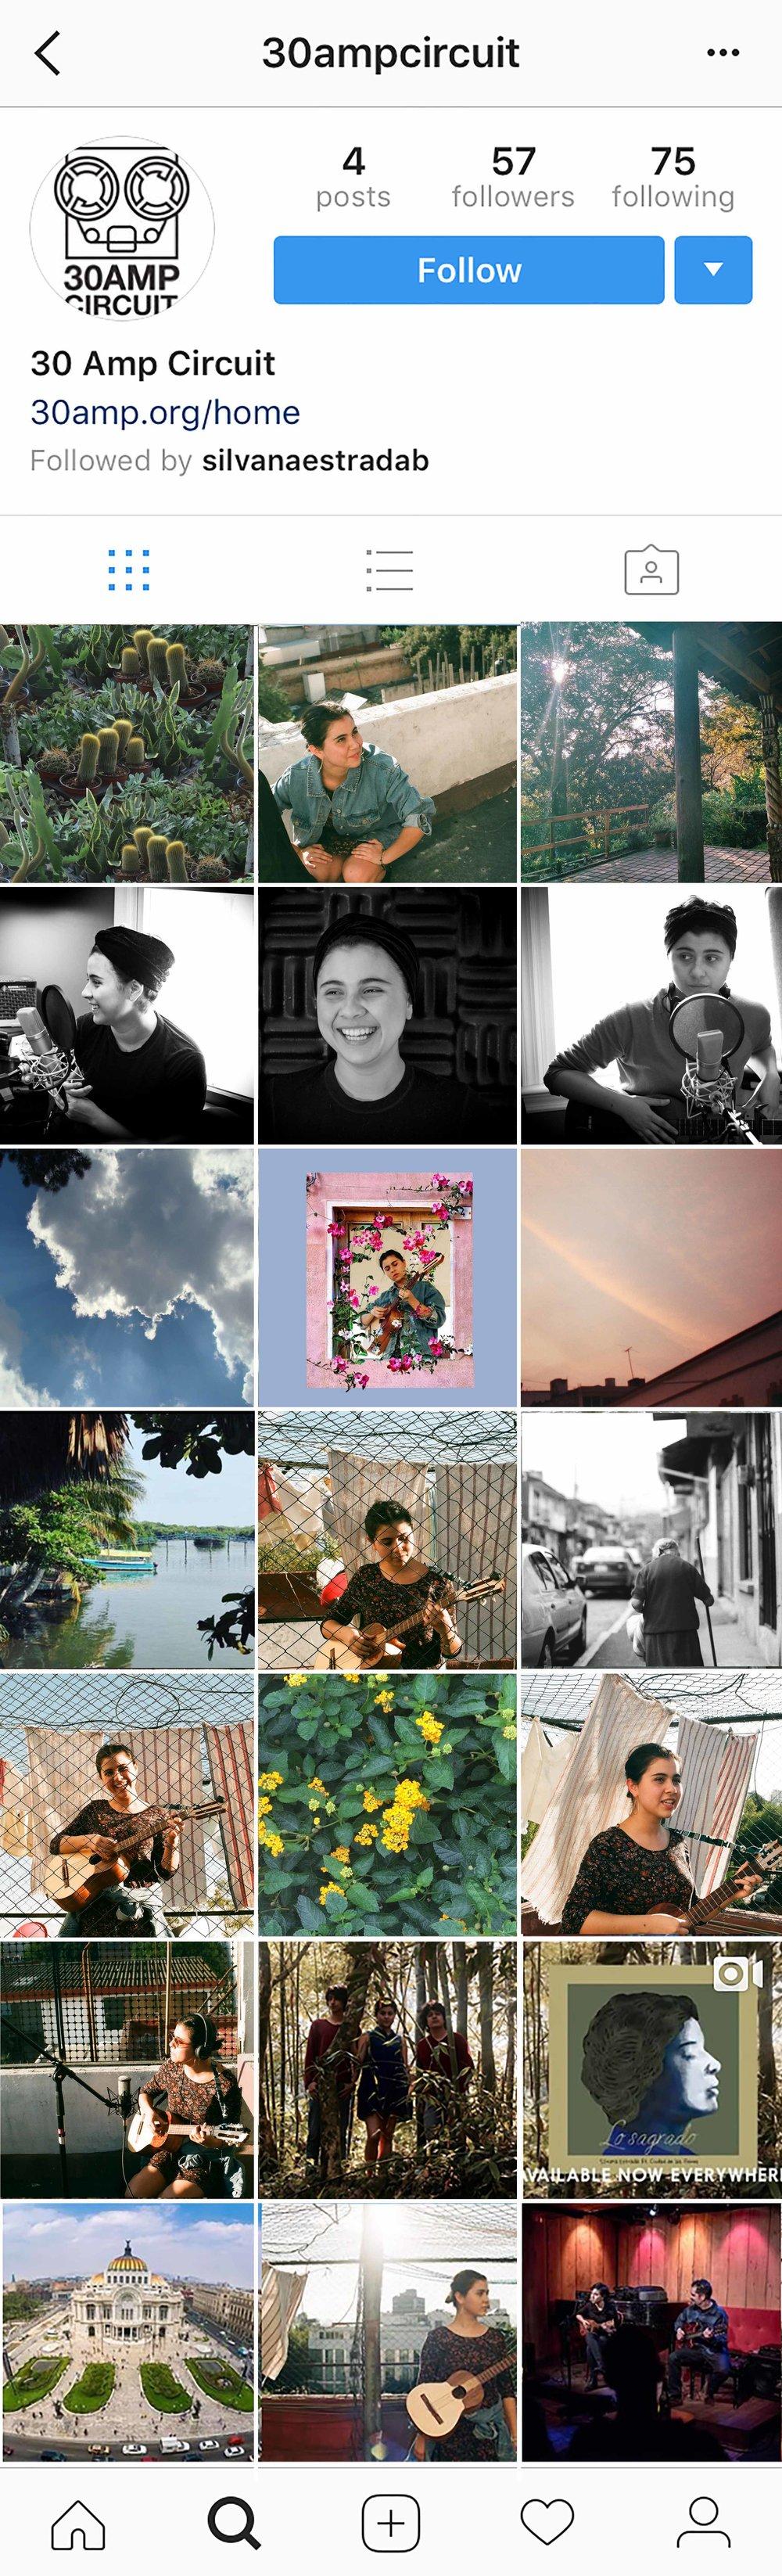 Mock instagram concepts for 30 Amp